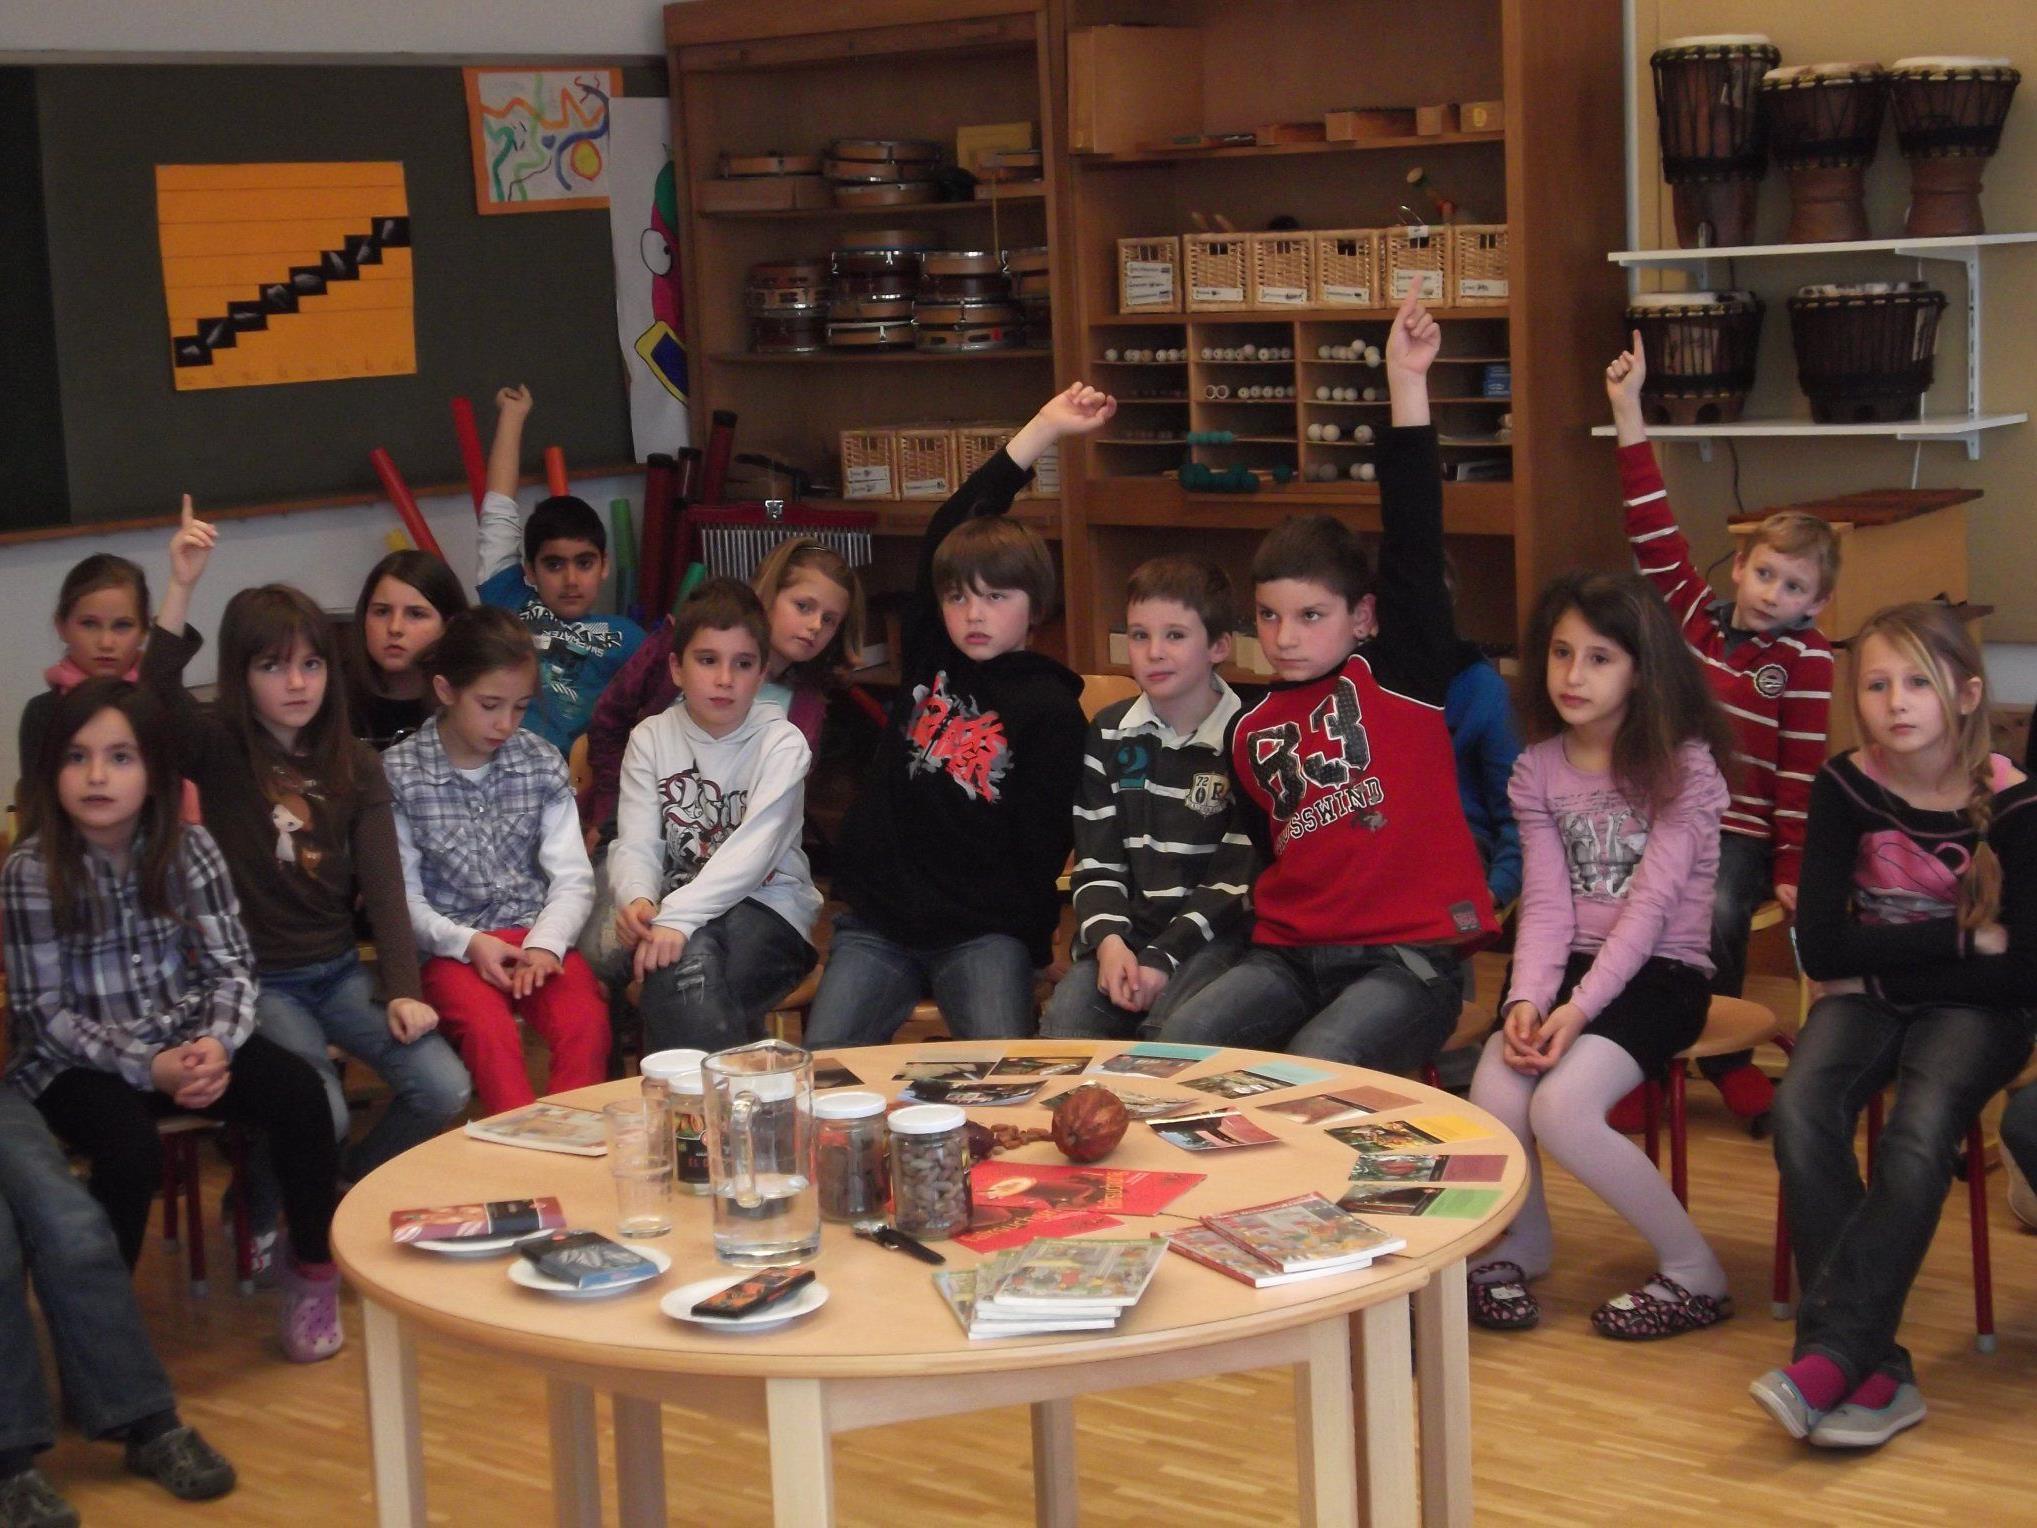 Die Schüler der VS Markt interessierten sich nach der Autorenlesung für Fairtrade Schokoladen